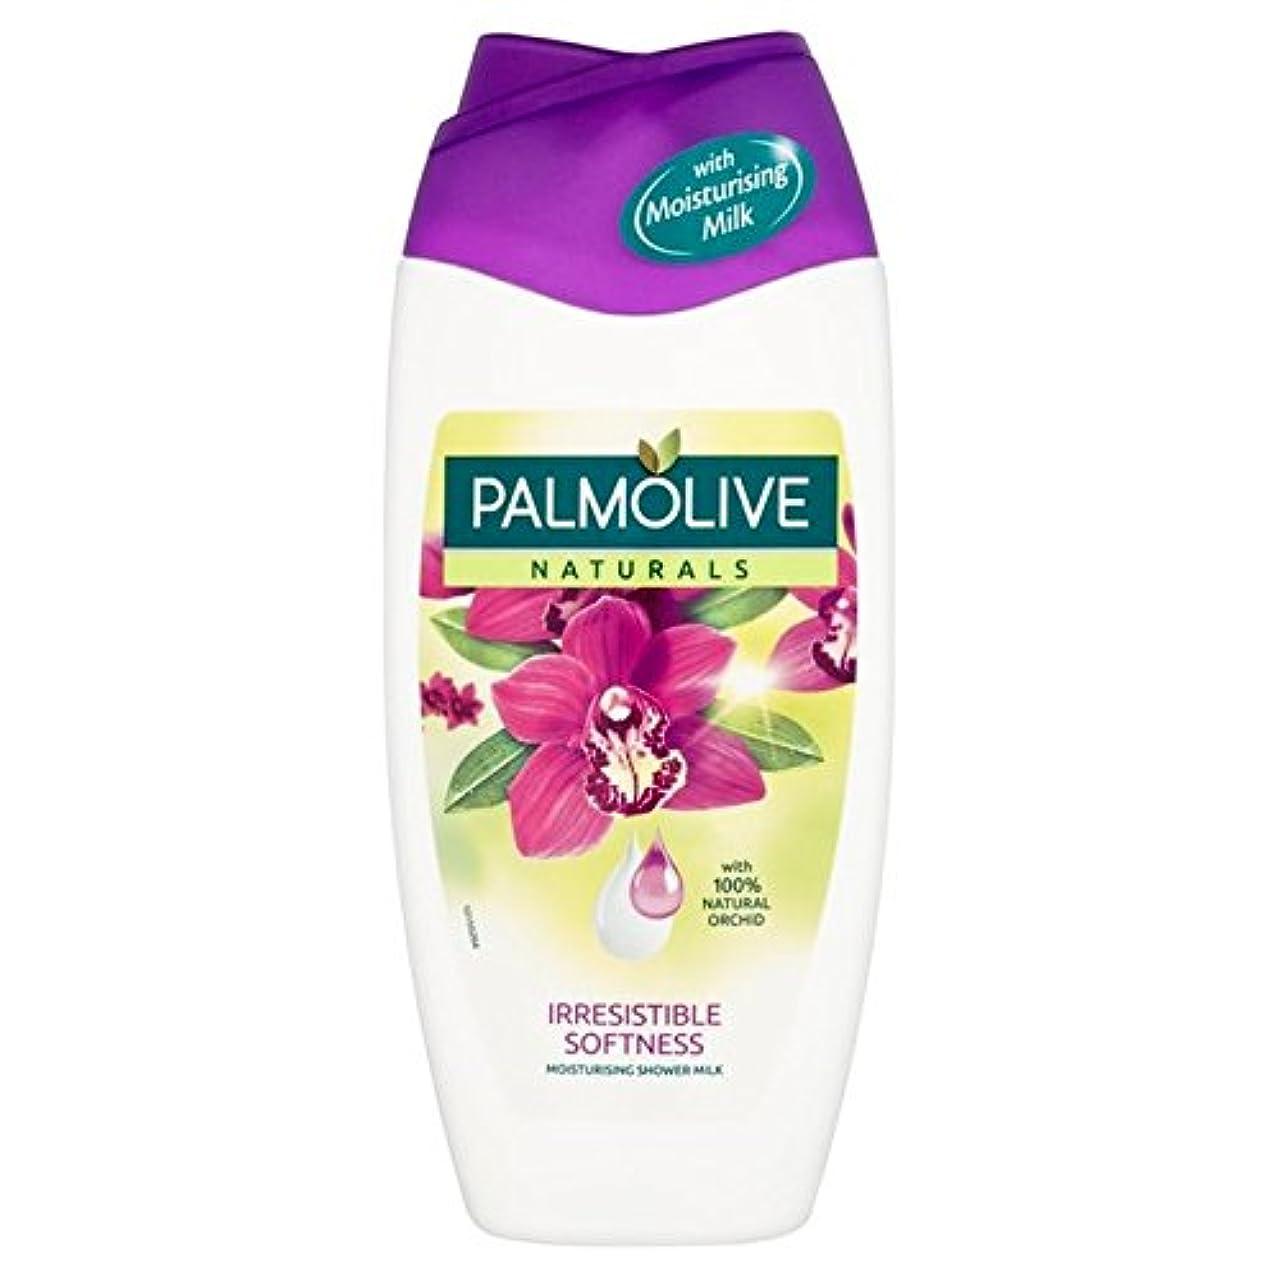 ほぼ牧草地の量パルモナチュラルシャワー黒蘭の250ミリリットル x2 - Palmolive Naturals Shower Black Orchid 250ml (Pack of 2) [並行輸入品]